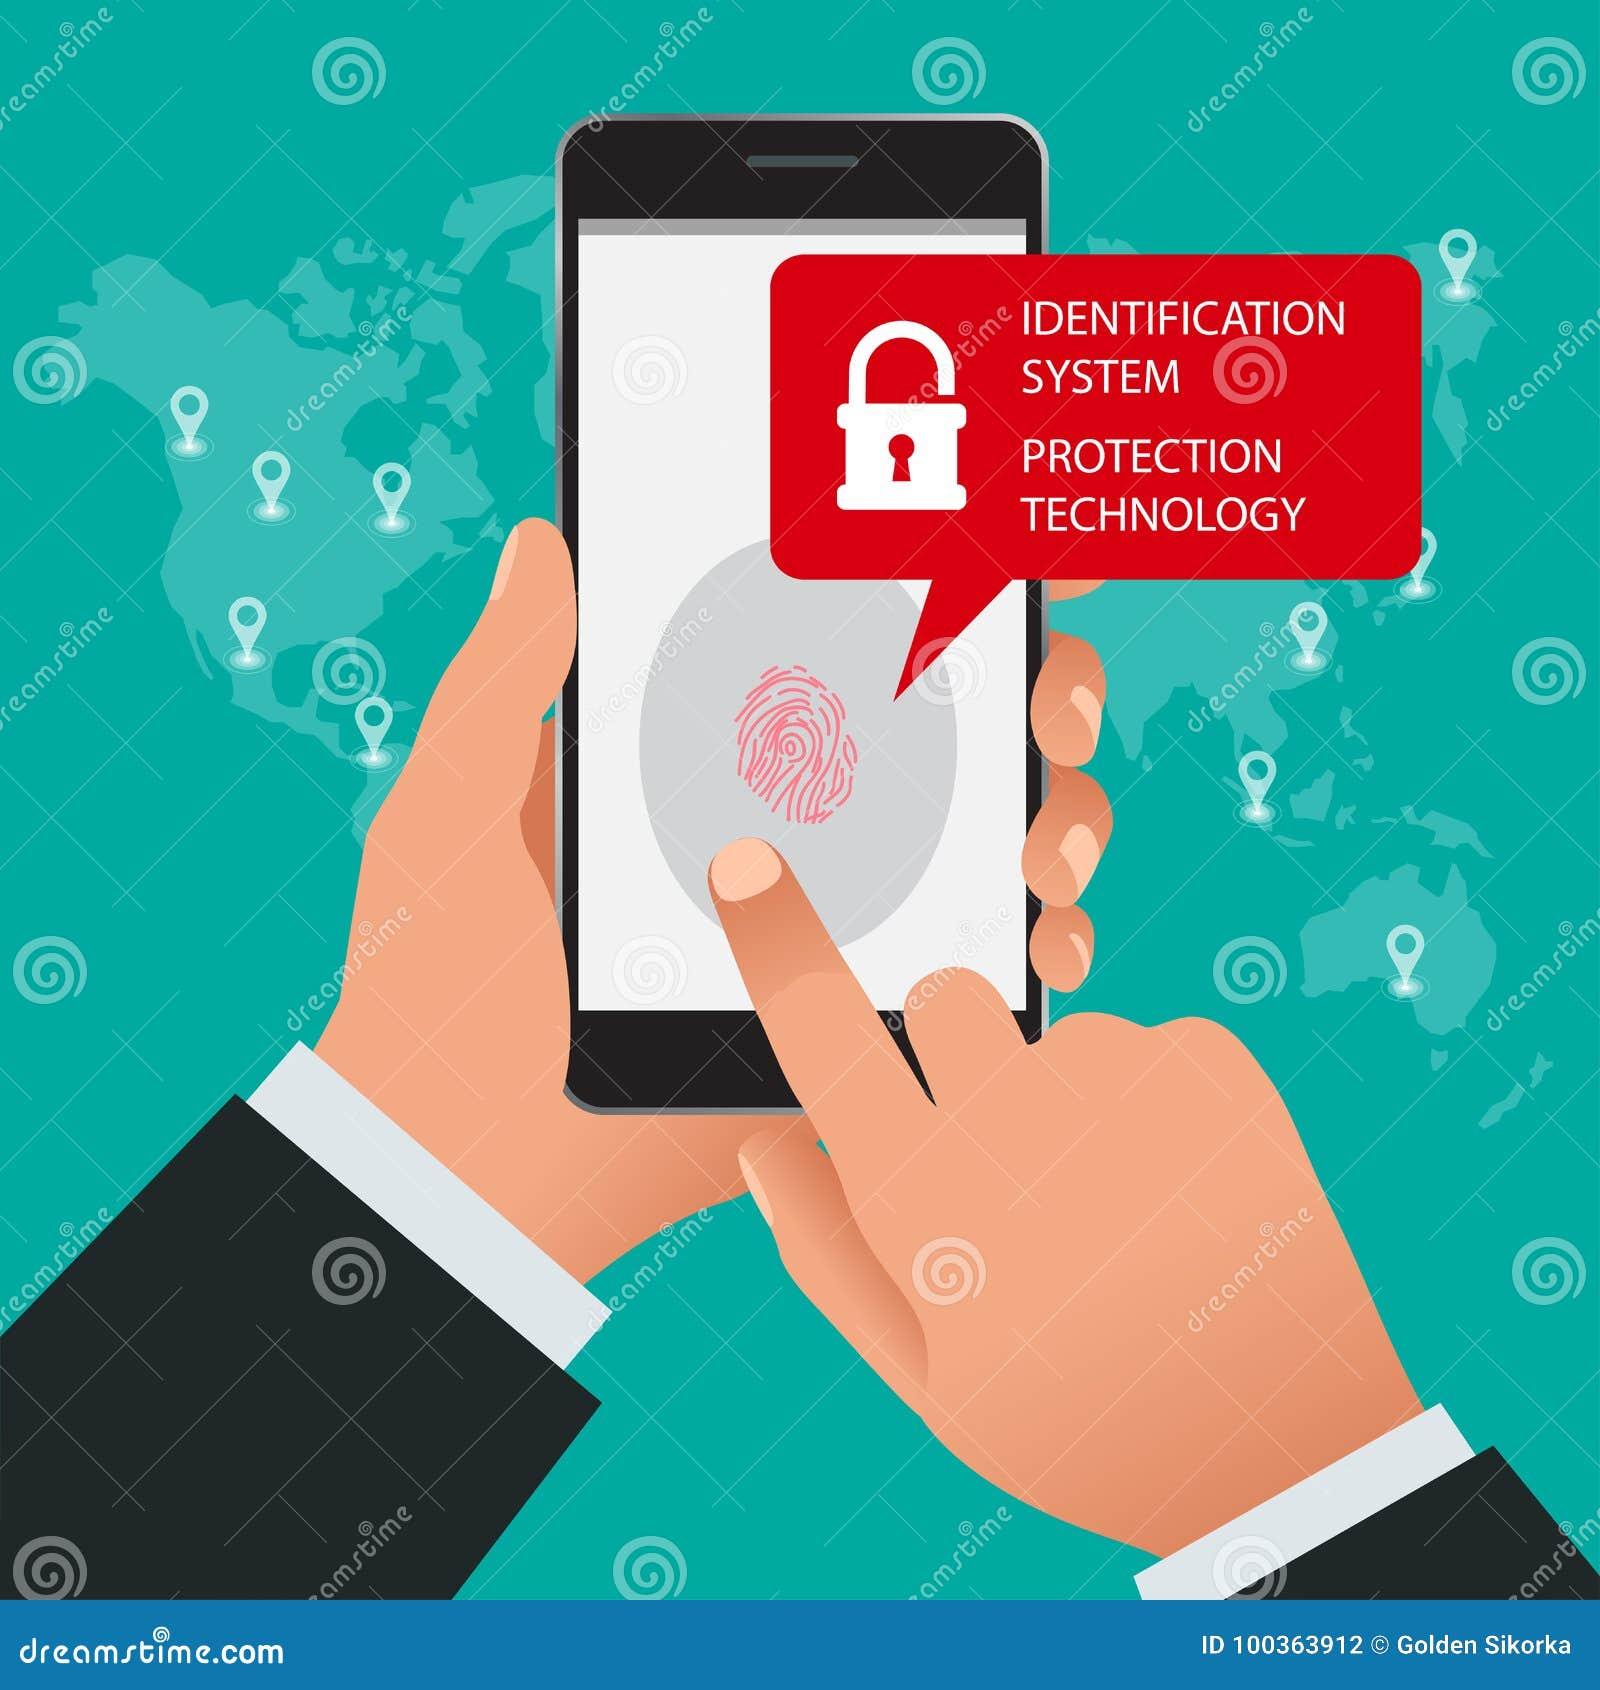 Ανιχνευτής δακτυλικών αποτυπωμάτων, σύστημα προσδιορισμού, έννοια τεχνολογίας προστασίας Διανυσματική απεικόνιση της κινητής τηλε